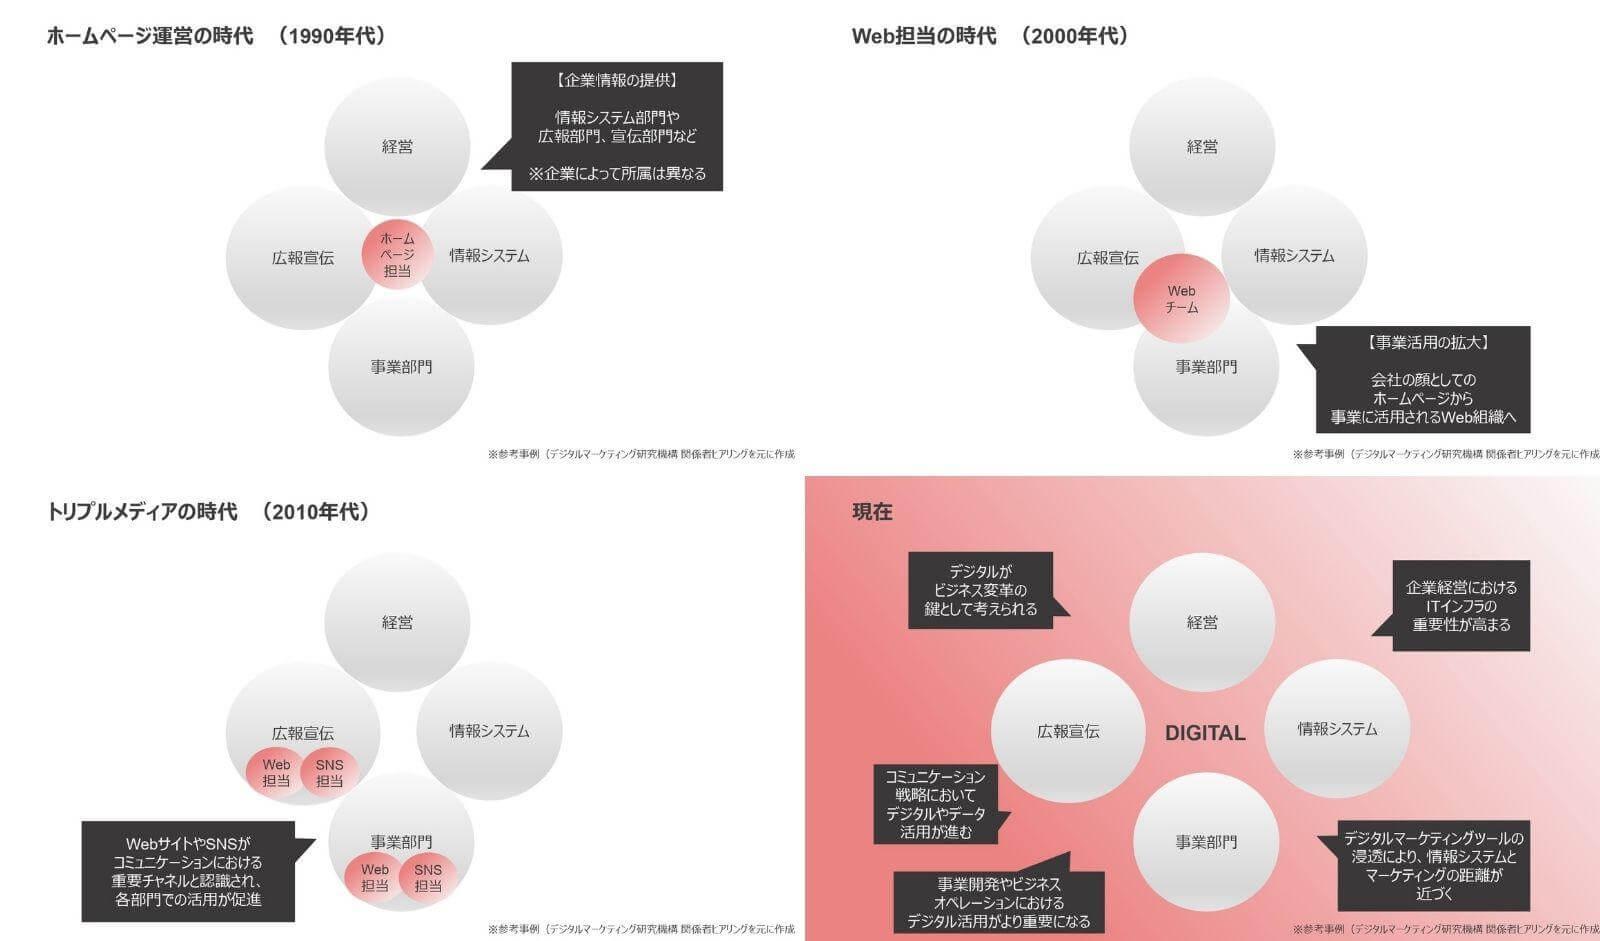 組織とデジタル担当者の役割変遷(MKTG領域)